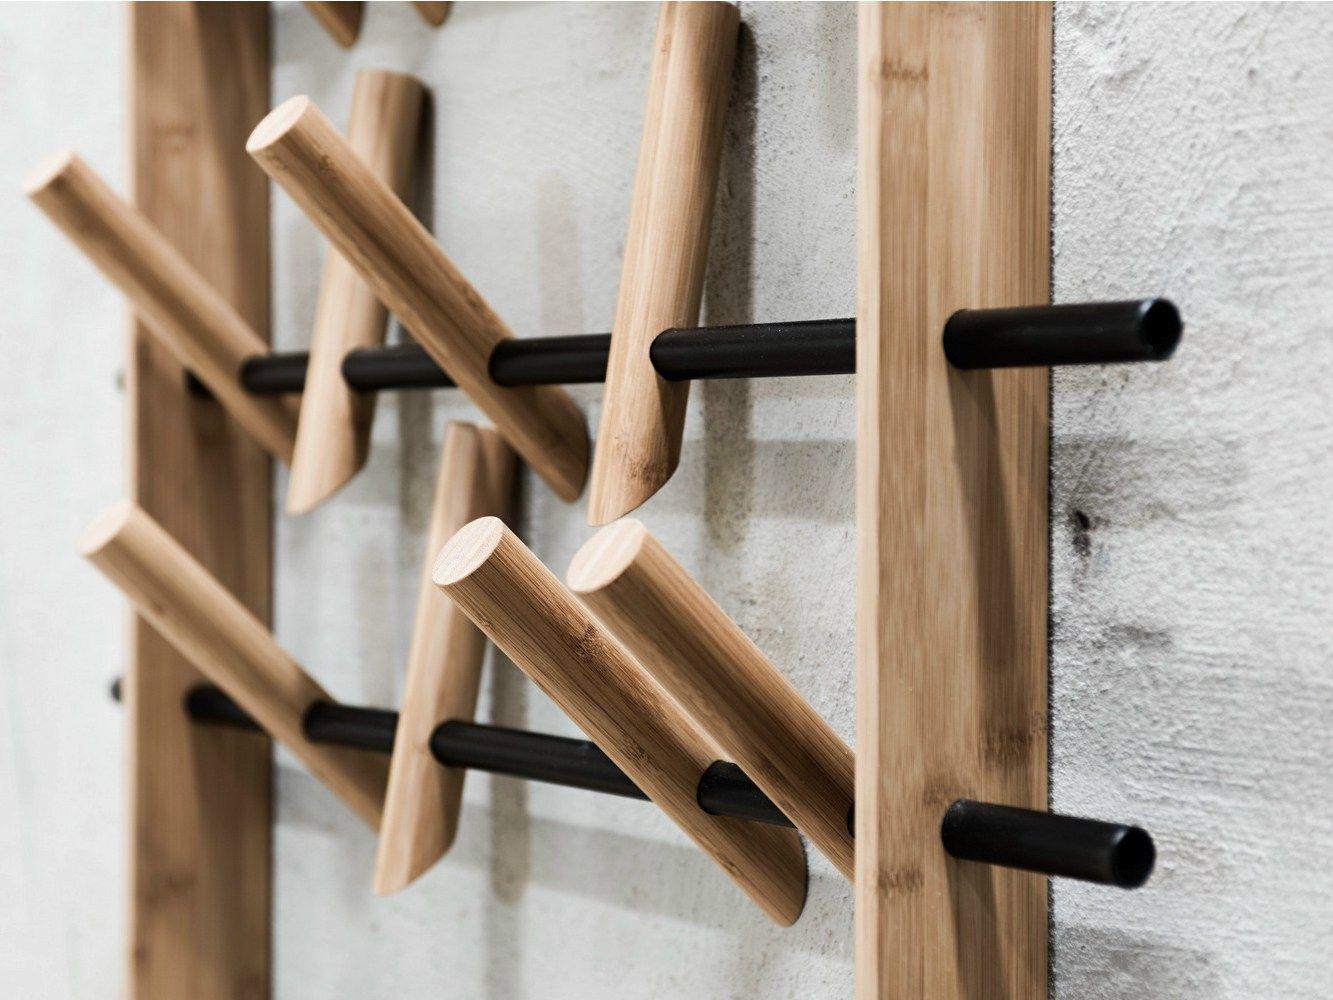 Best Wall Mounted Coat Hanger Ideas On Pinterest Diy Coat - Coat rack design ideas art deco coat rack baby coat rack branches